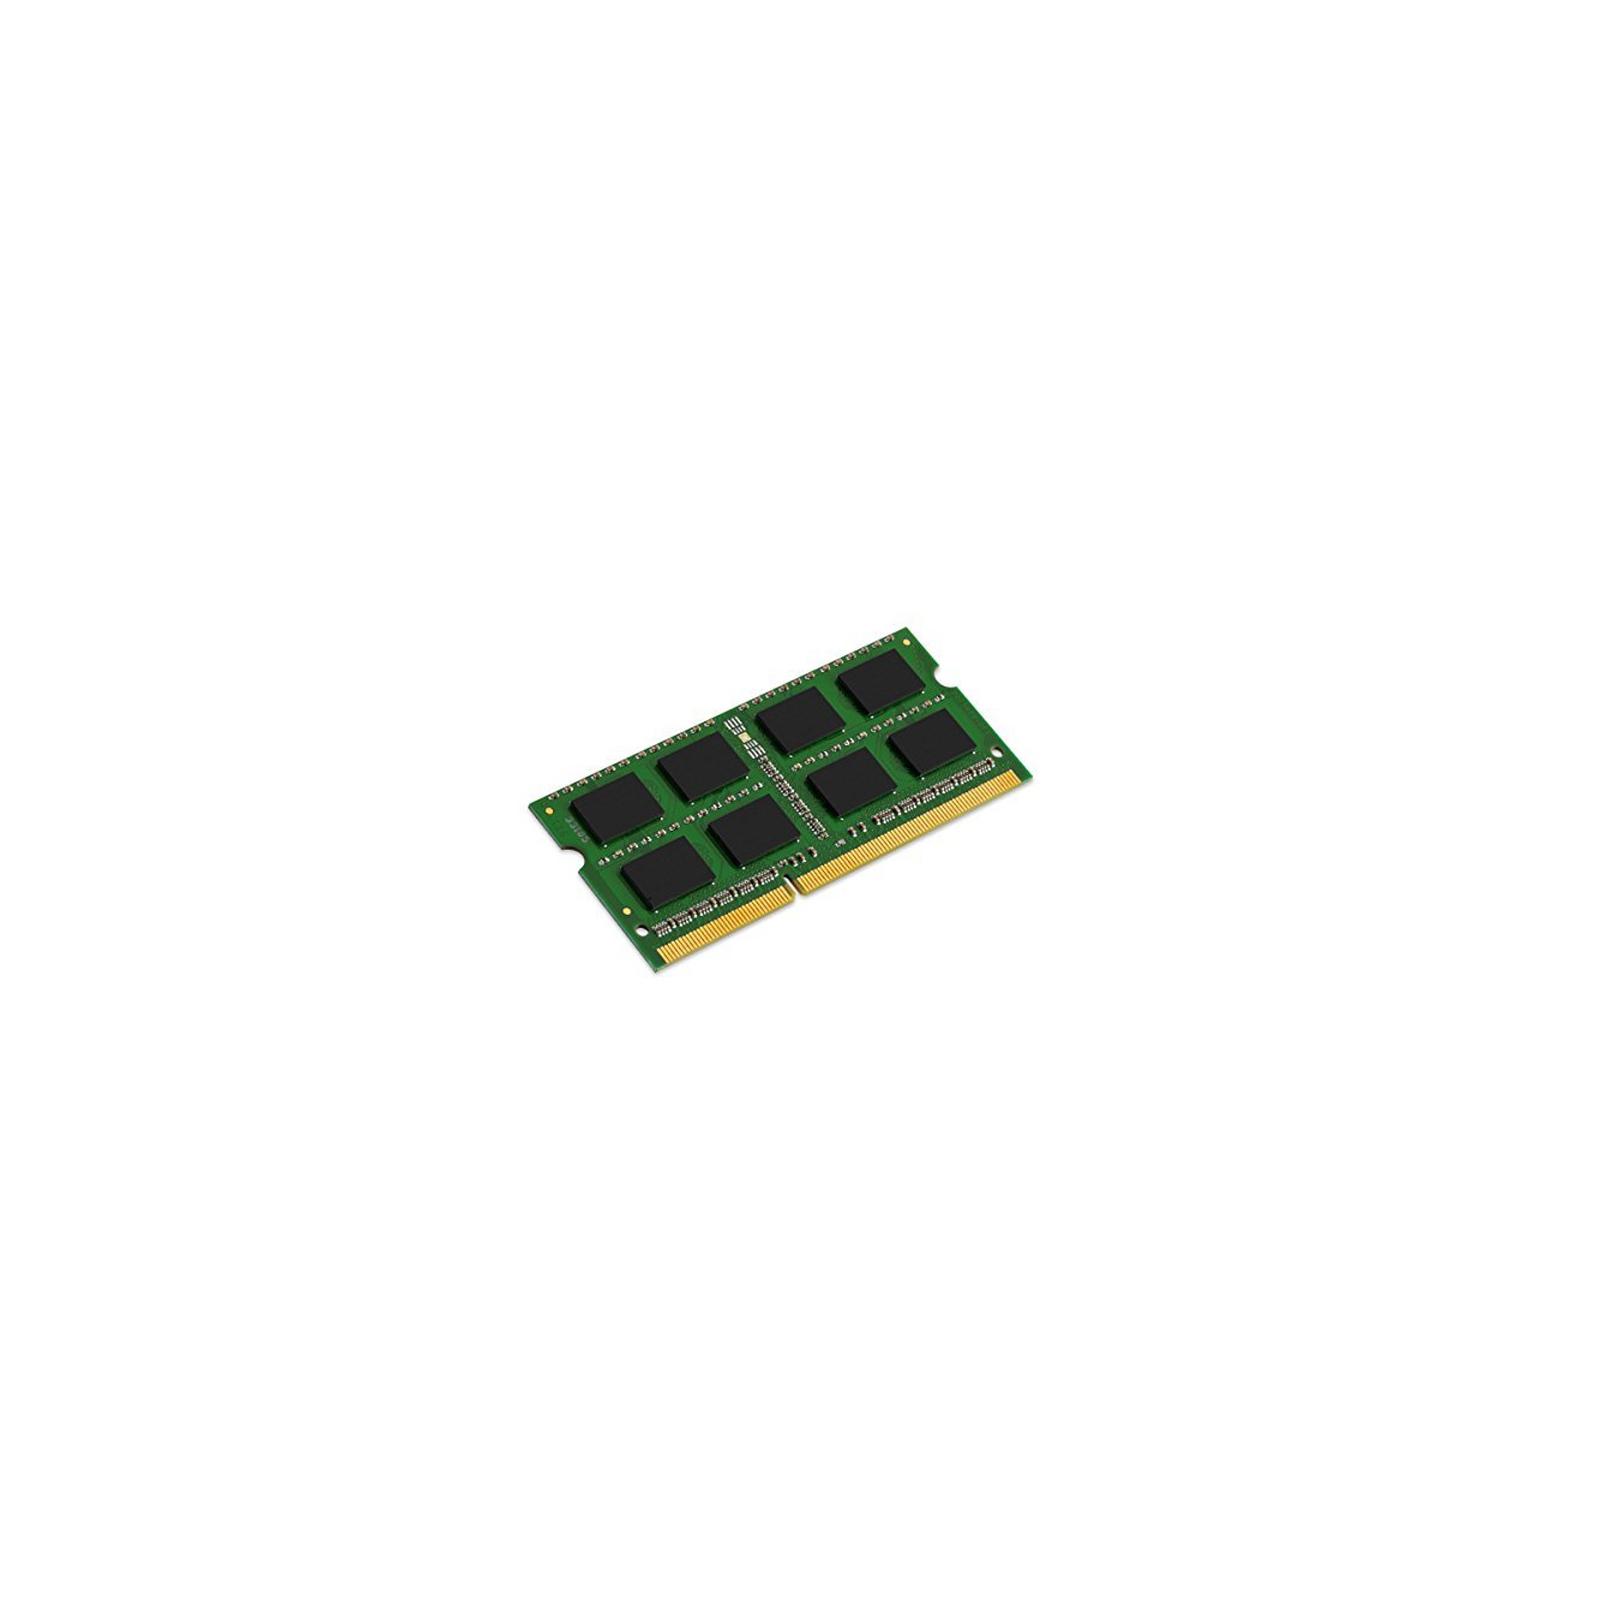 Модуль памяти для ноутбука SoDIMM DDR3 8GB 1600 MHz Kingston (KTH-X3CL/8G) изображение 2